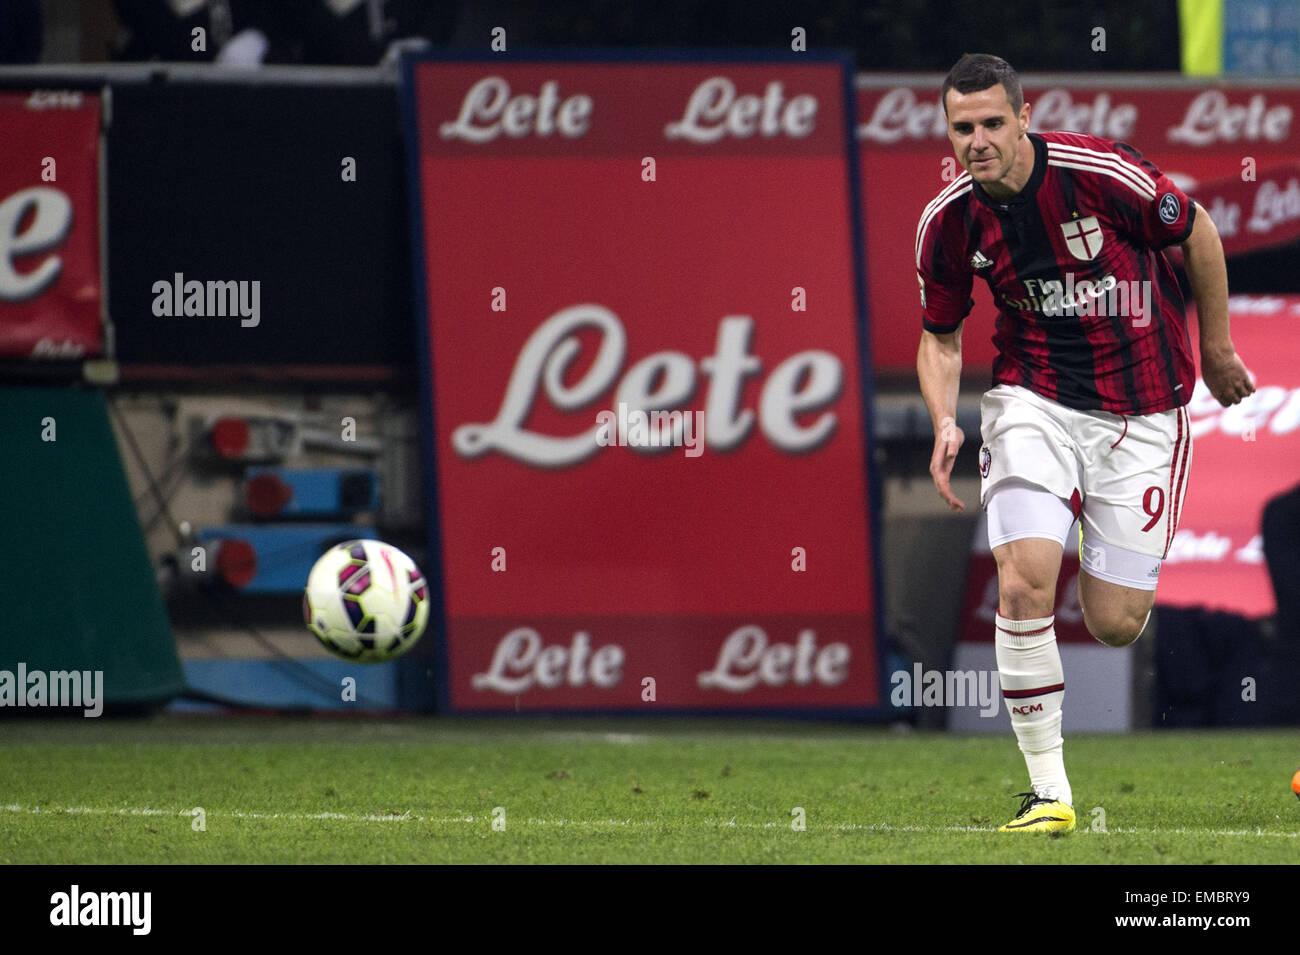 Milan Italy 19th Apr 2015 Mattia Destro Milan Football Soccer Stock Photo Alamy